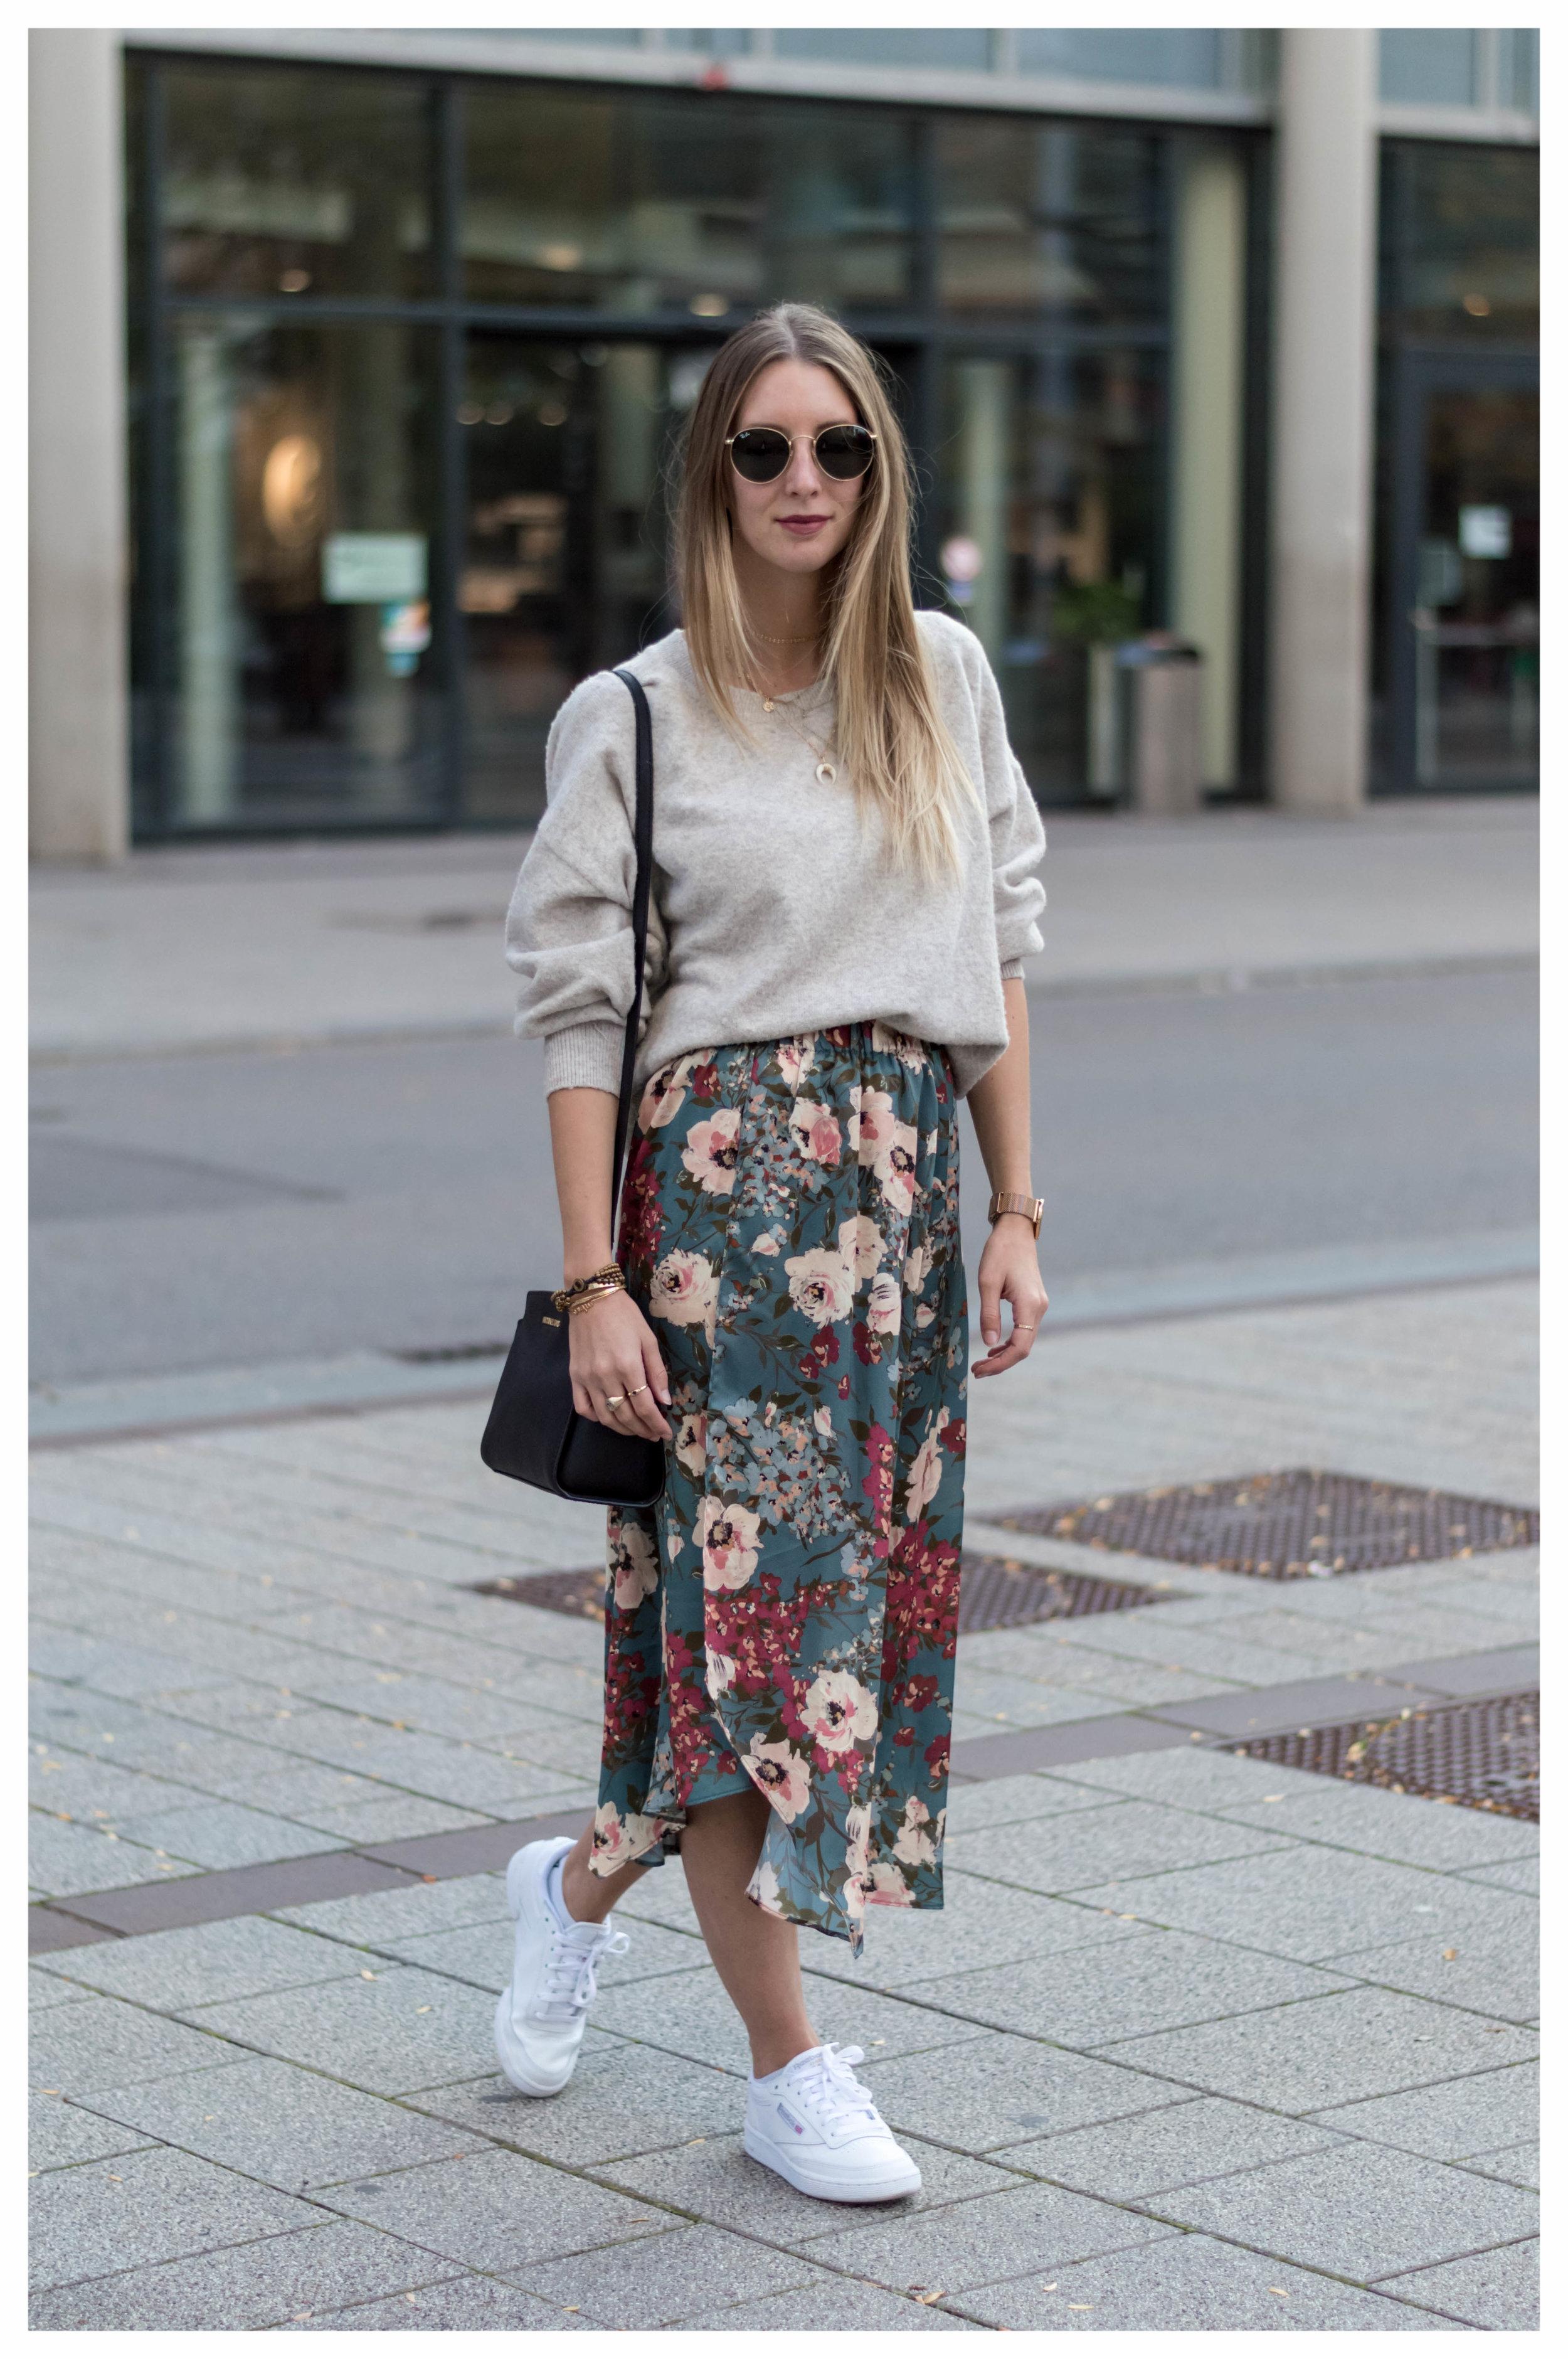 Floral Skirt Lux - OSIARAH.COM (8 sur 21).jpg